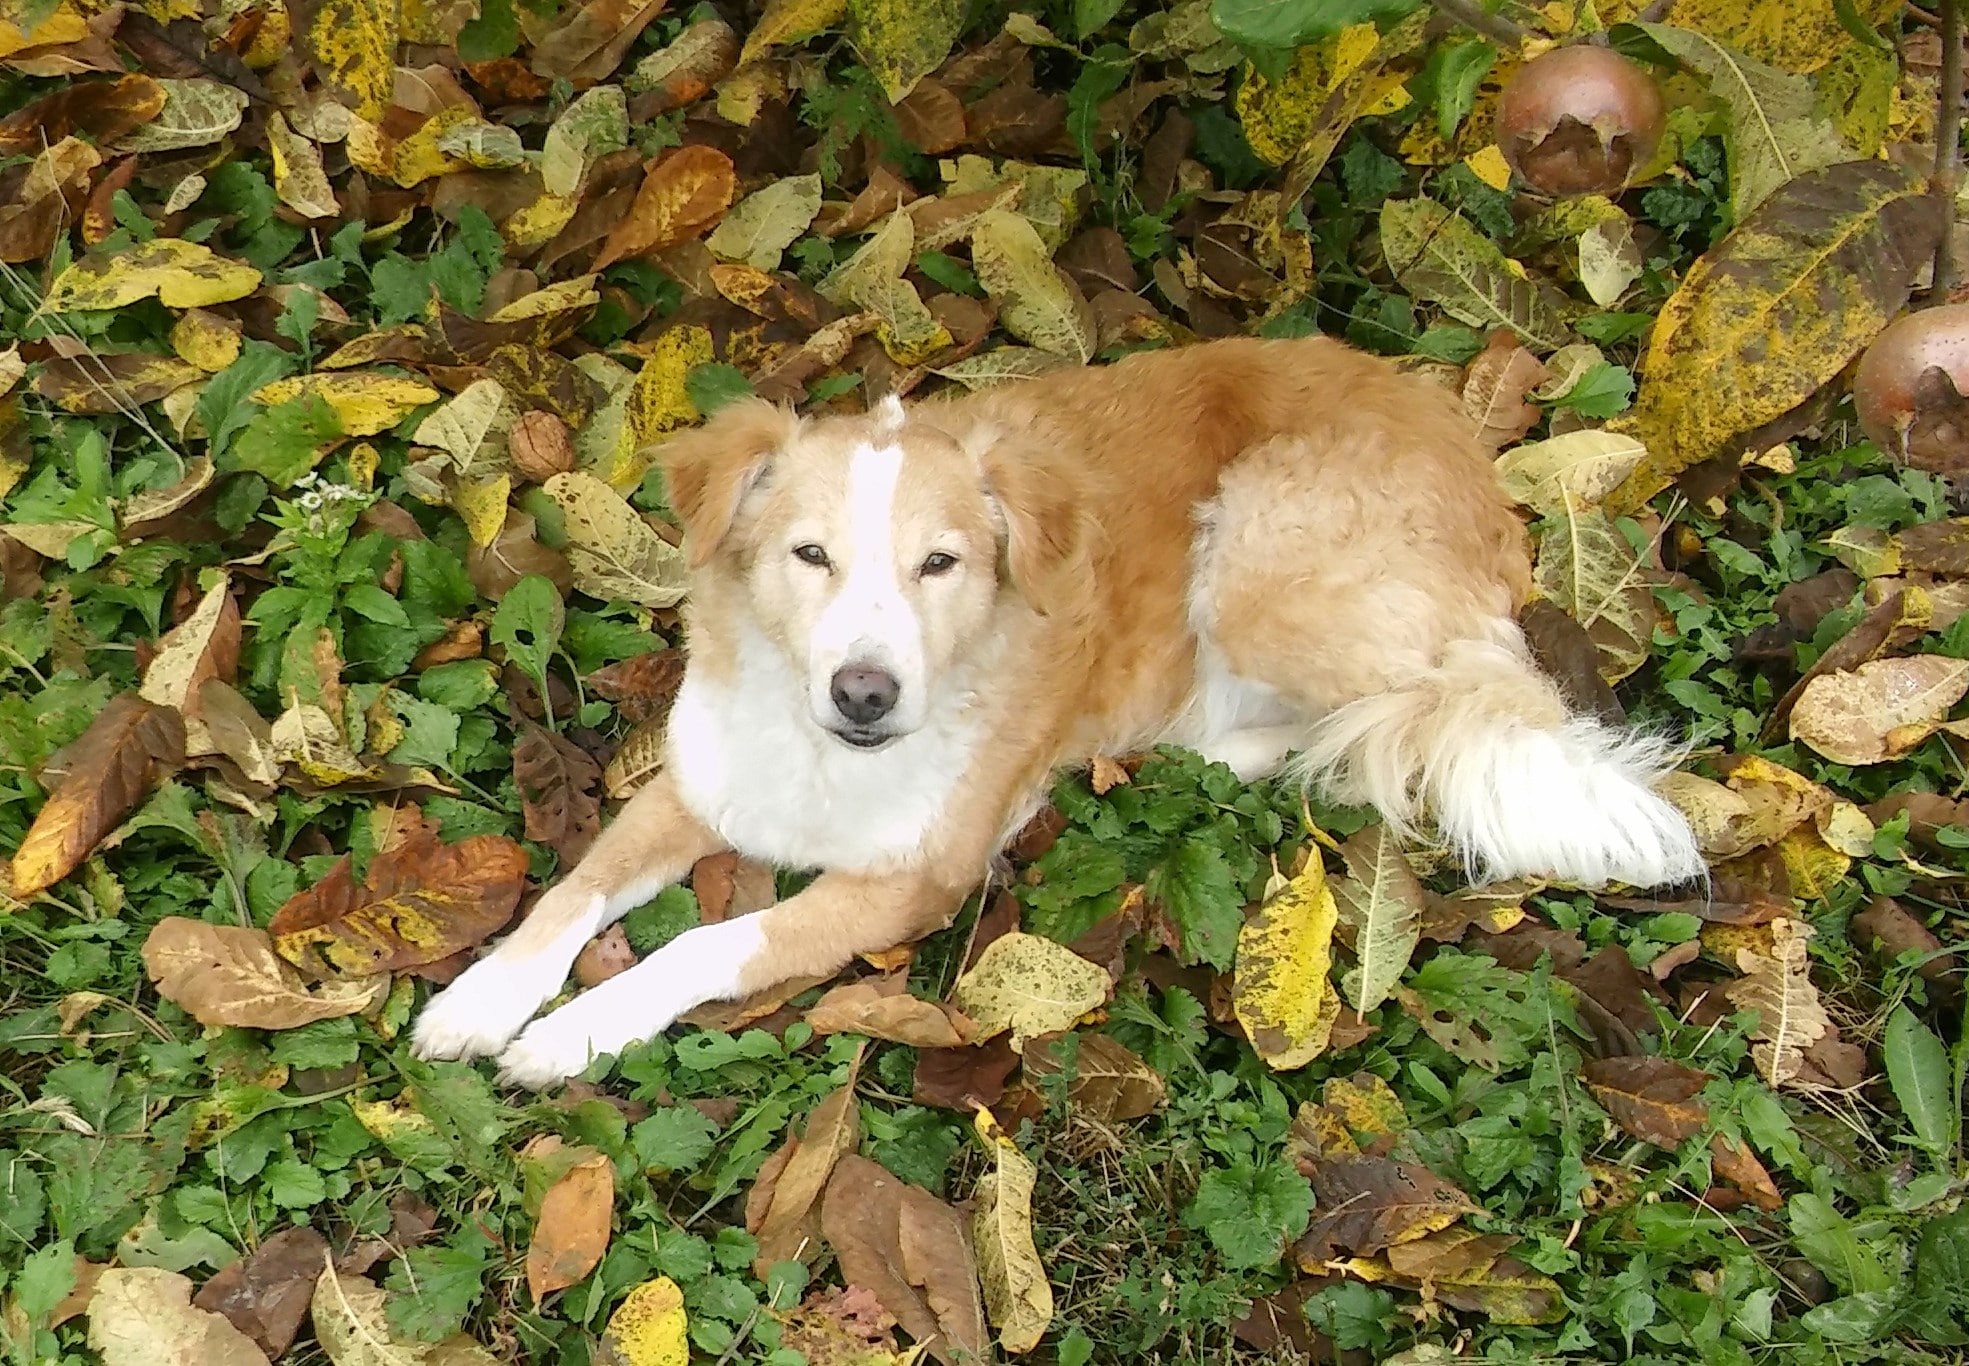 Bogi genießt die Hundegesellschaft.